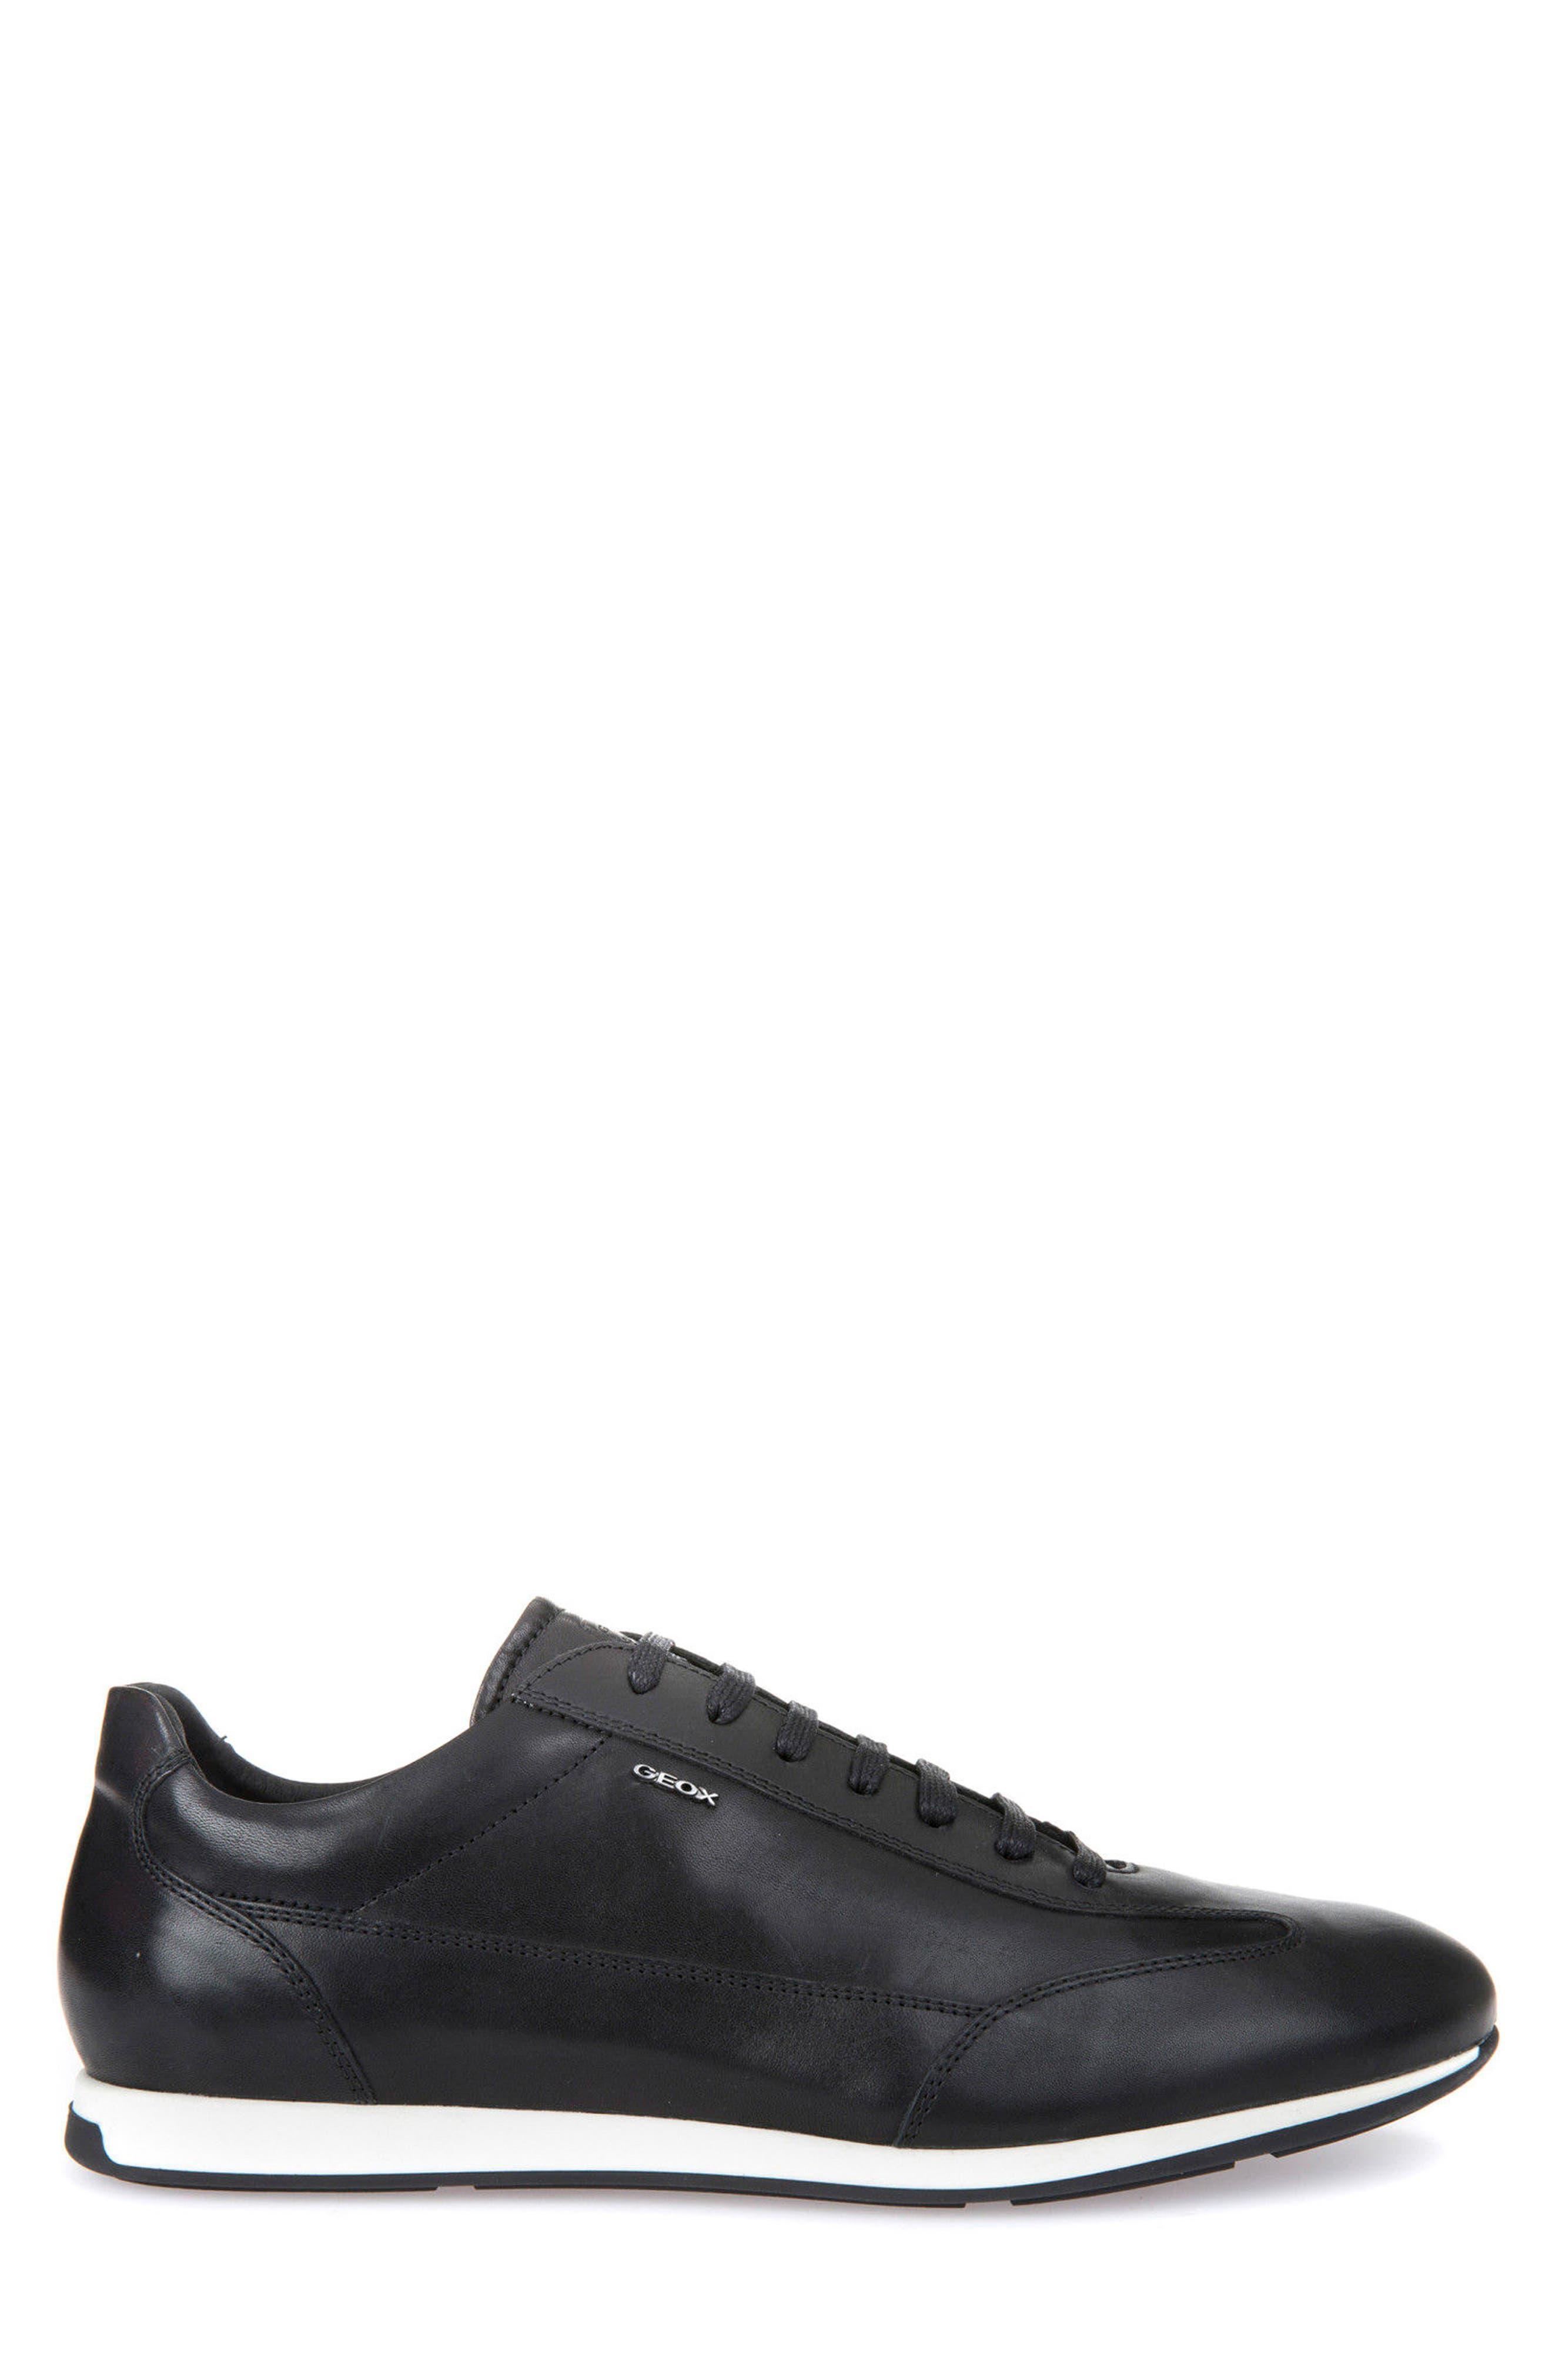 Clemet 1 Sneaker,                             Alternate thumbnail 3, color,                             001